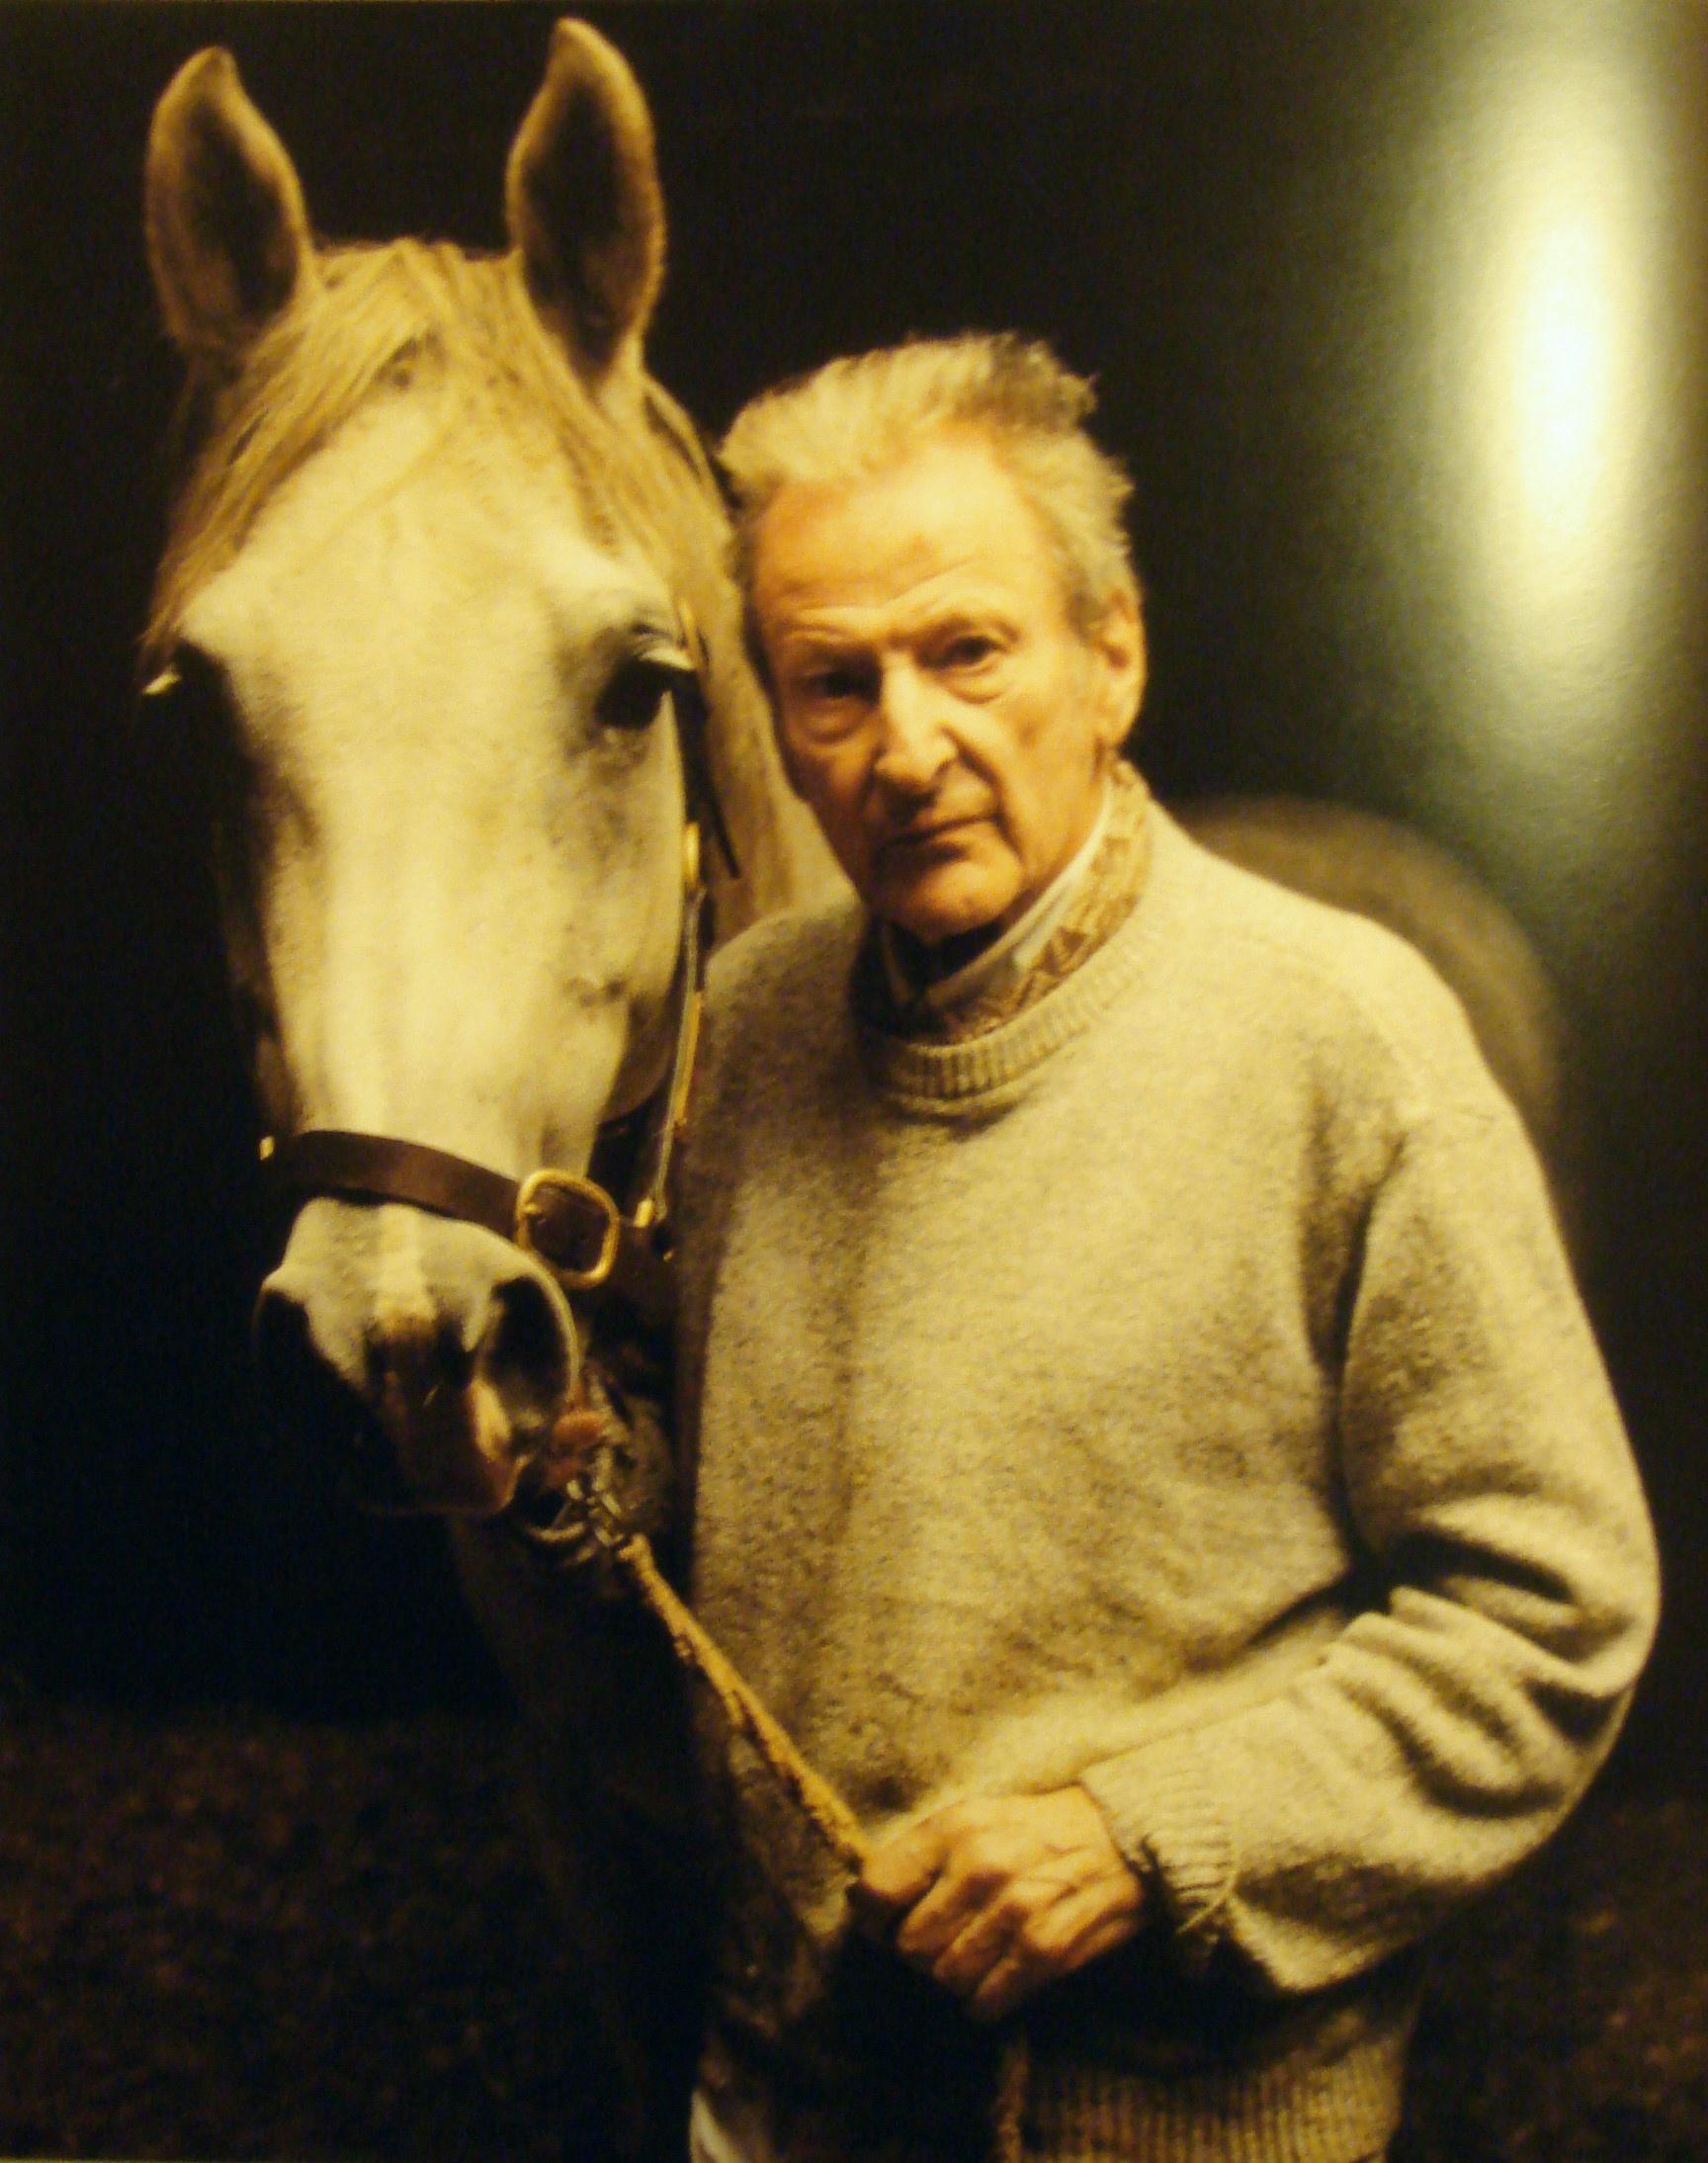 Publication: Lucian Freud, 'Portrait With Horses' 1939 - An